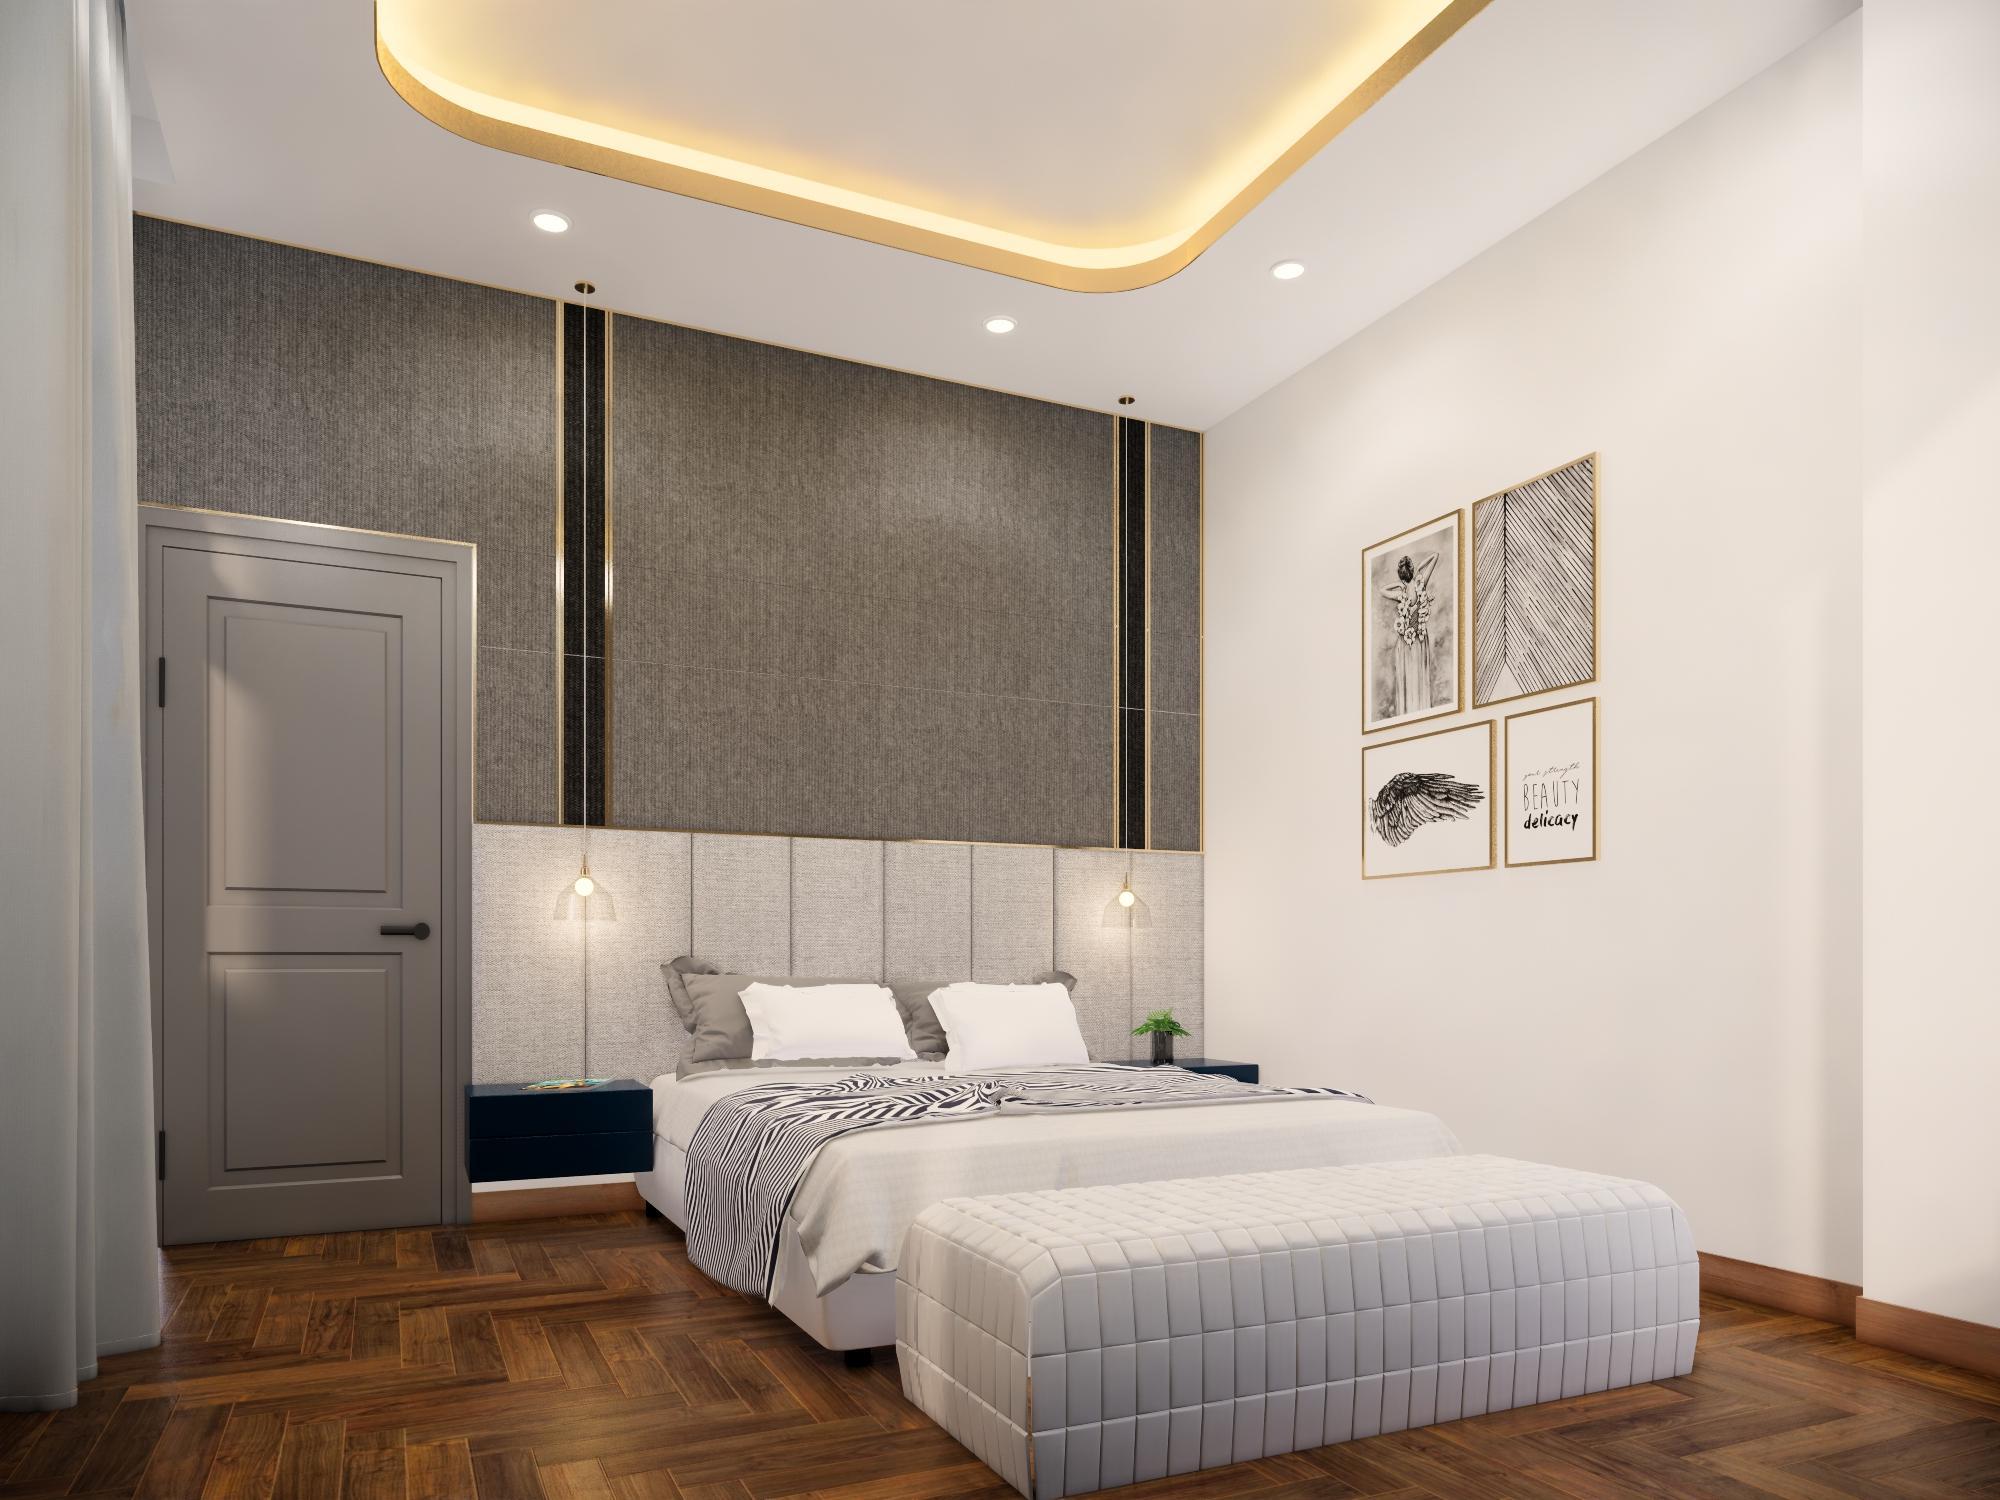 Thiết kế nội thất Nhà tại Bình Thuận NHÀ PHỐ I TRẦN THỊ PHƯƠNG LAN 1574139985 12